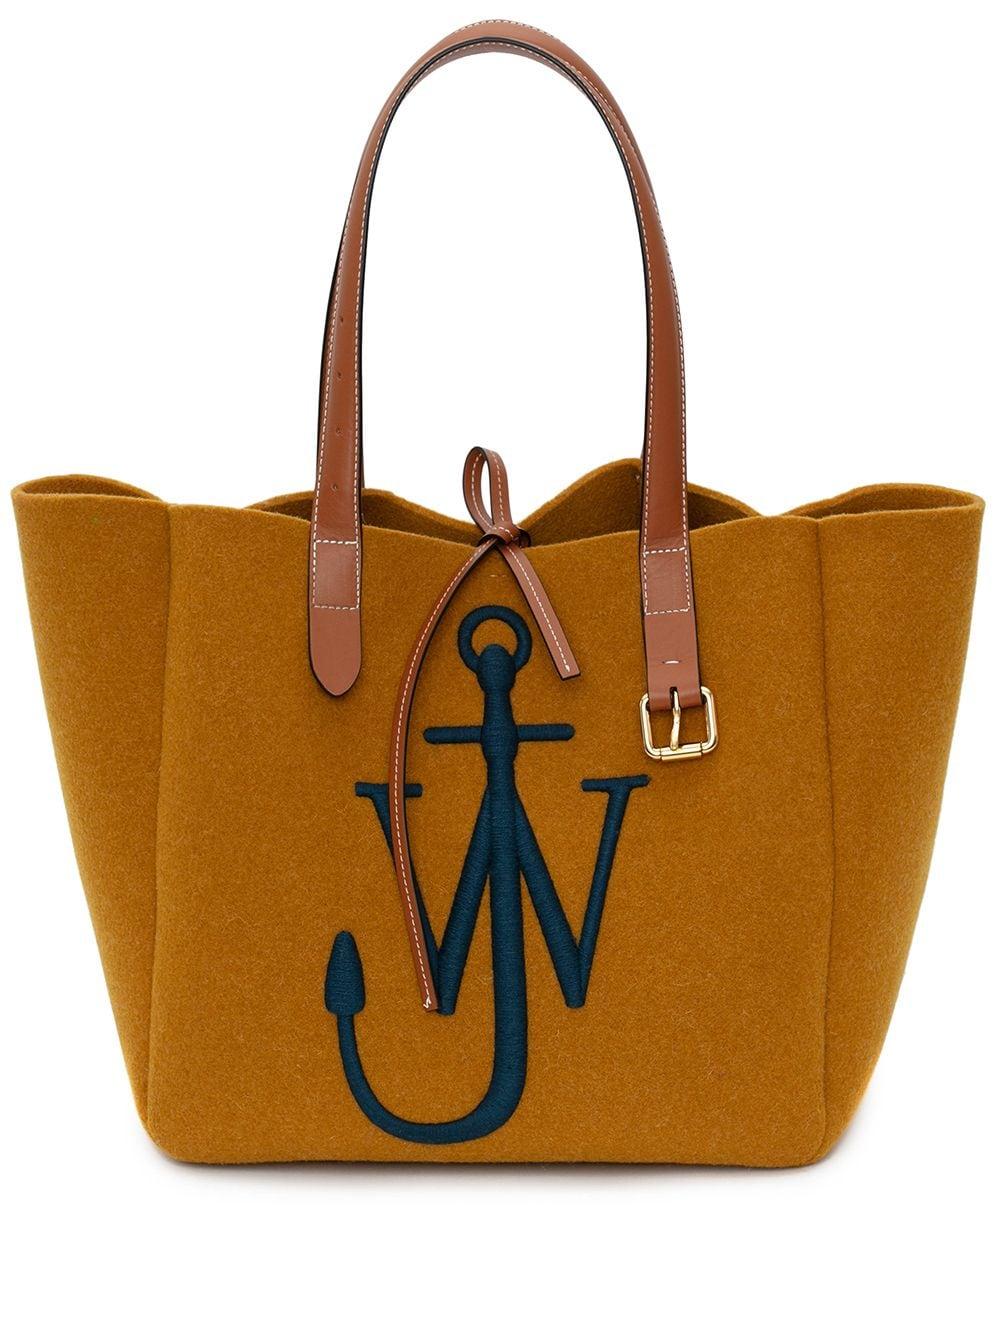 JW Anderson Handtasche mit Logo-Stickerei - Gelb